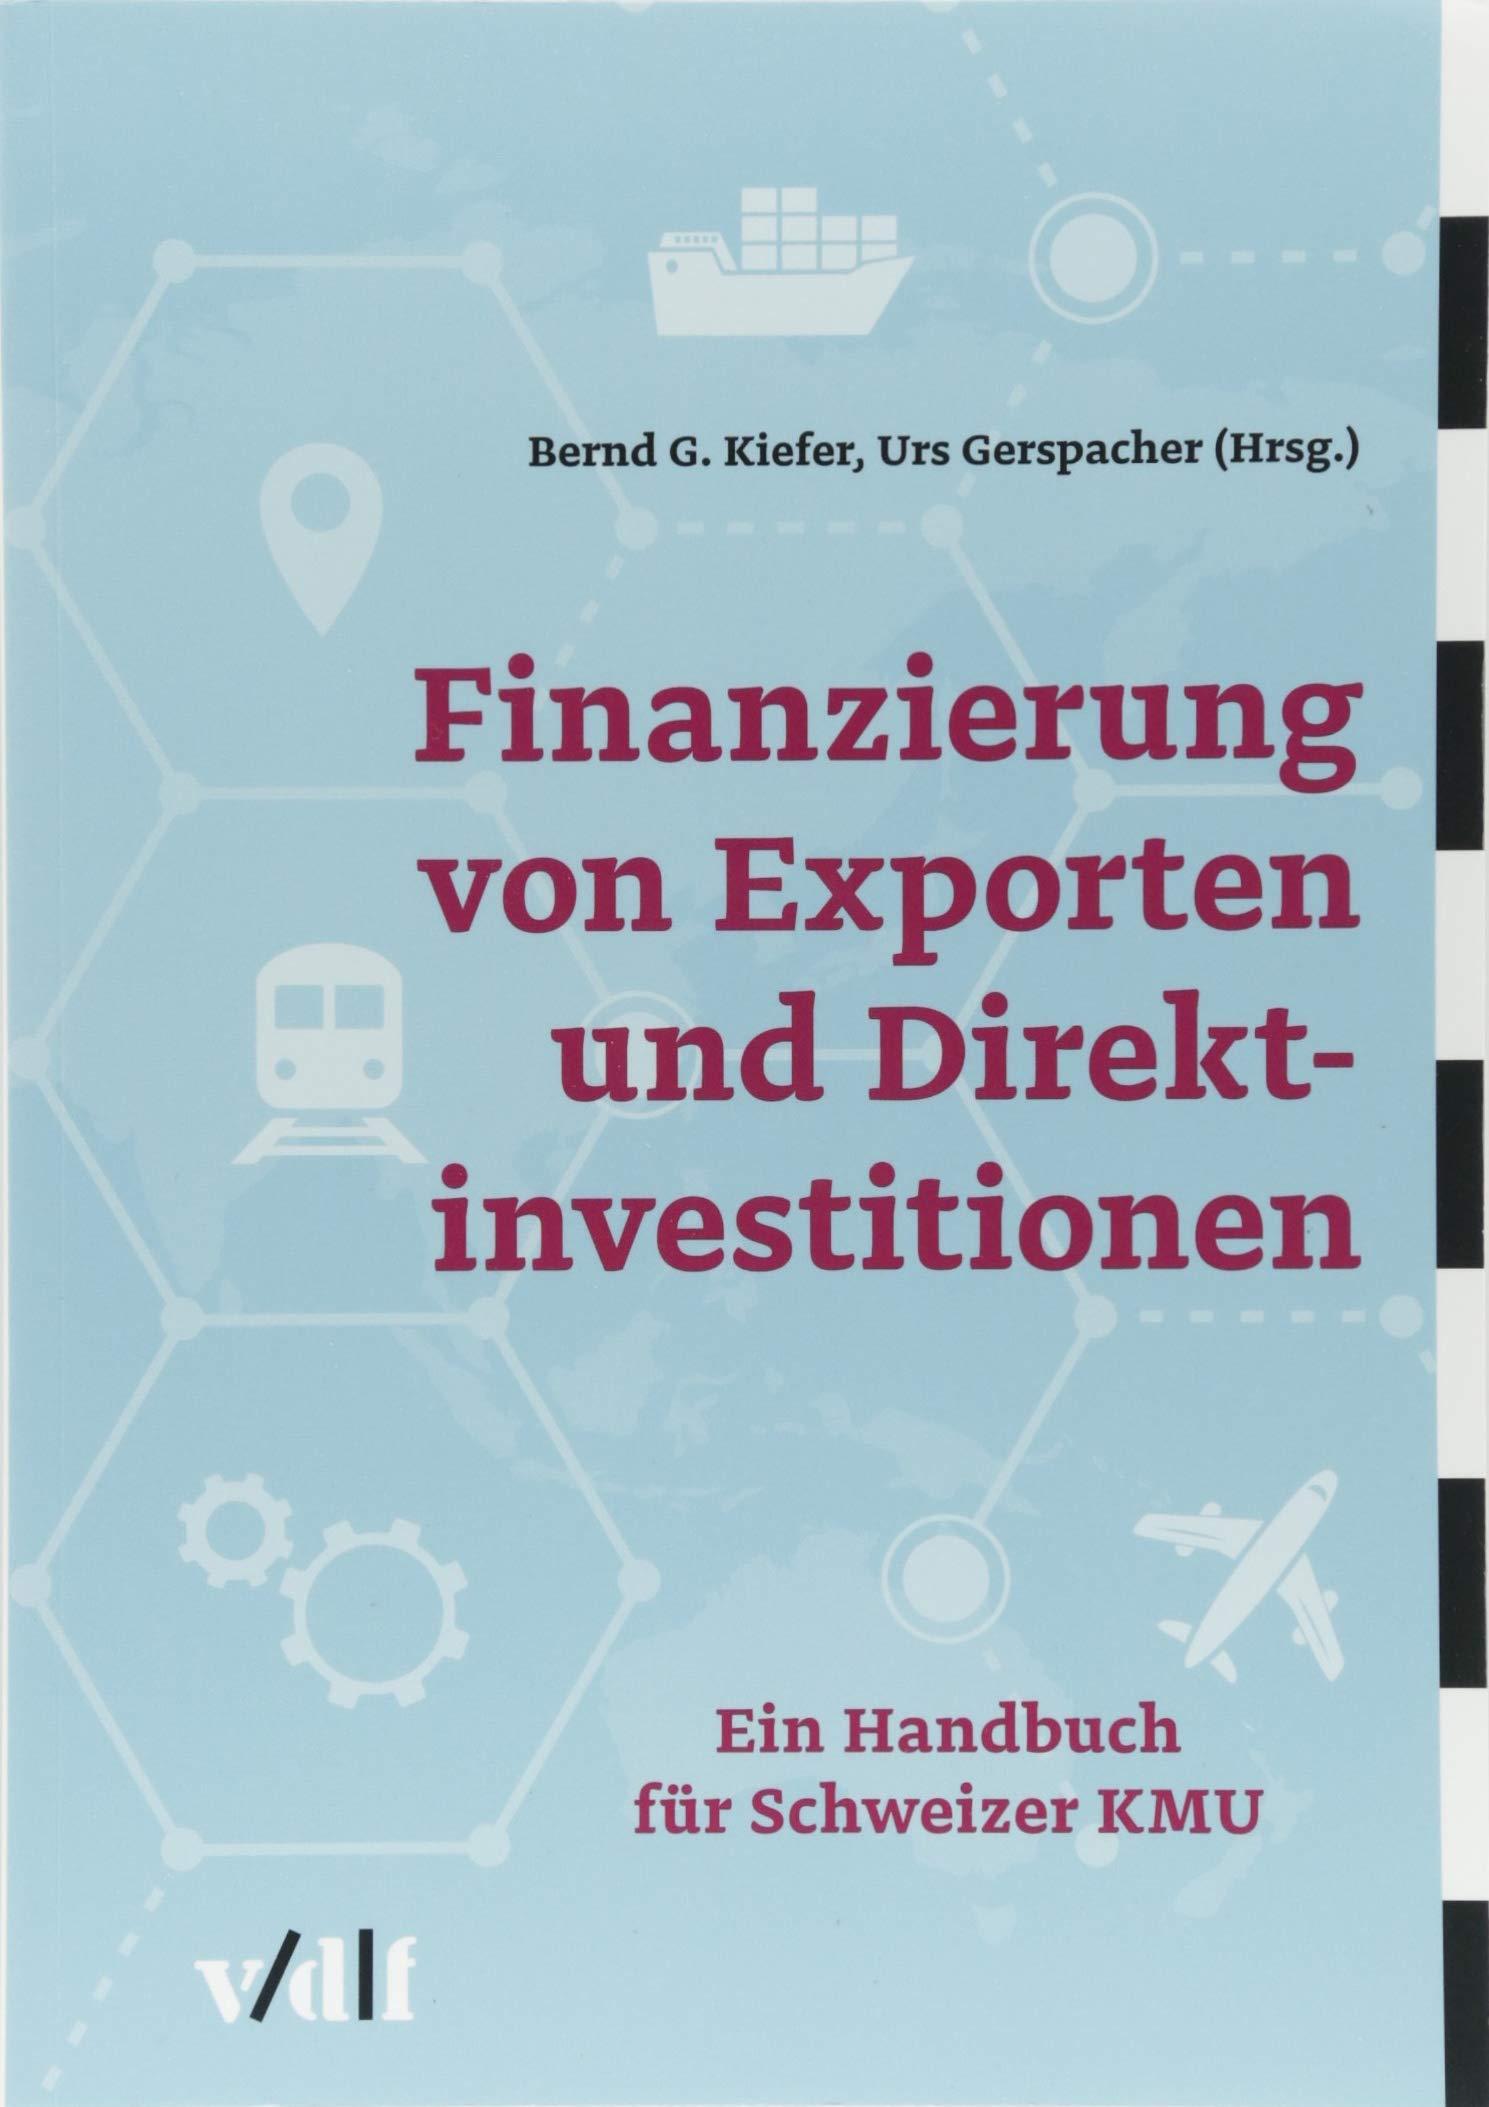 finanzierung-von-exporten-und-direktinvestitionen-ein-handbuch-fr-schweizer-kmu